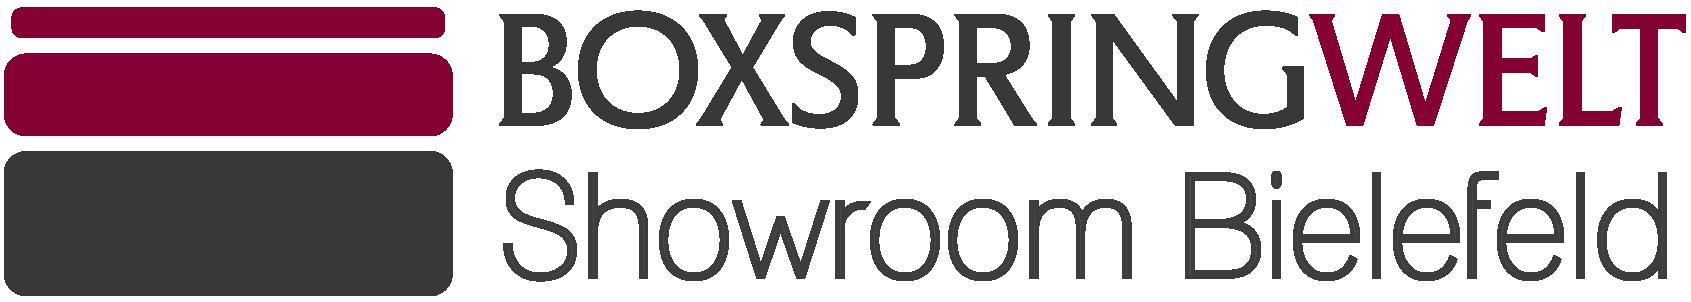 BoxspringWelt_logo